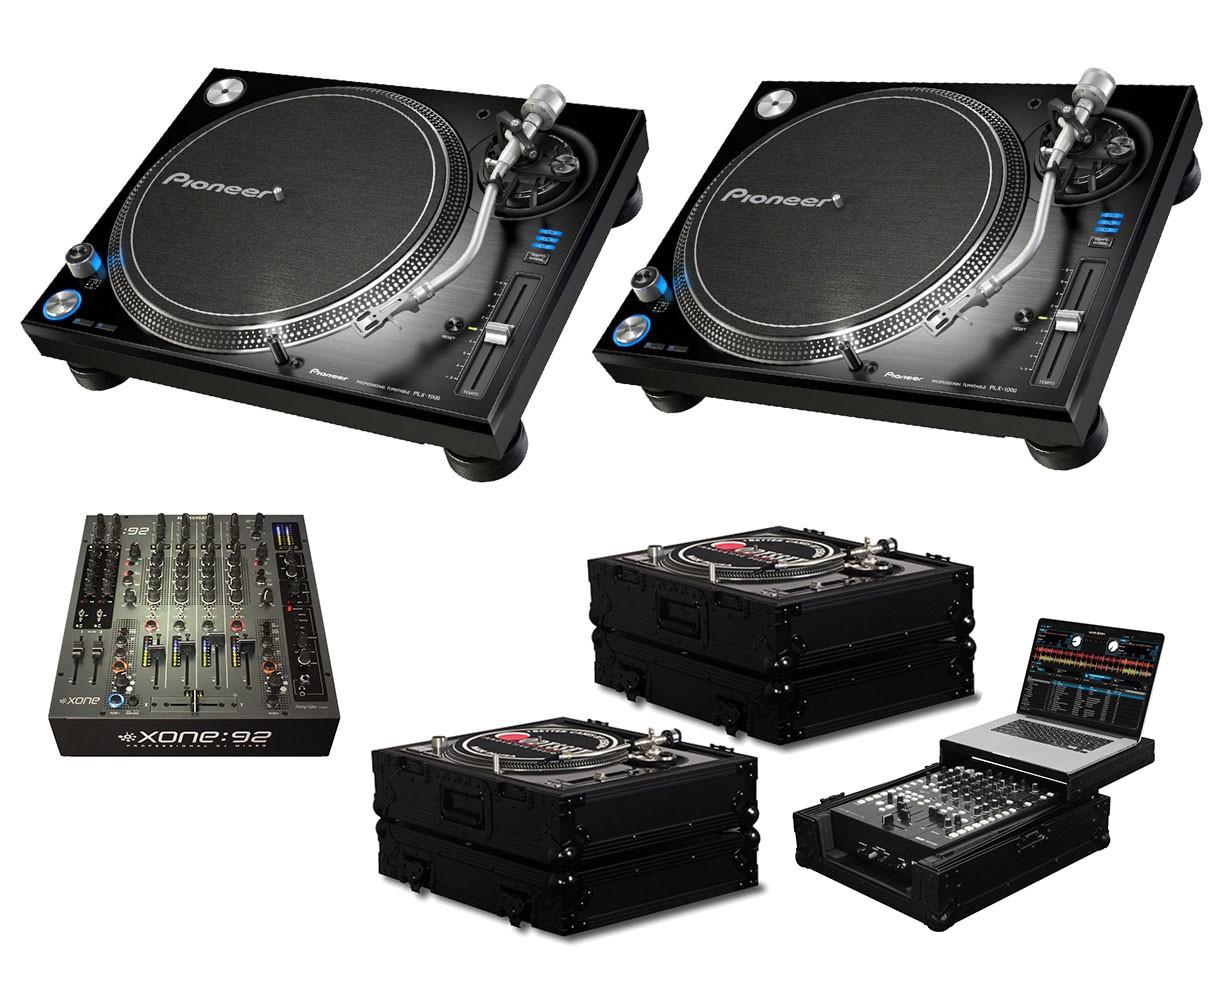 2x Pioneer PLX-1000 + Xone:92 Fader + Black Label Cases + Glide Style Case